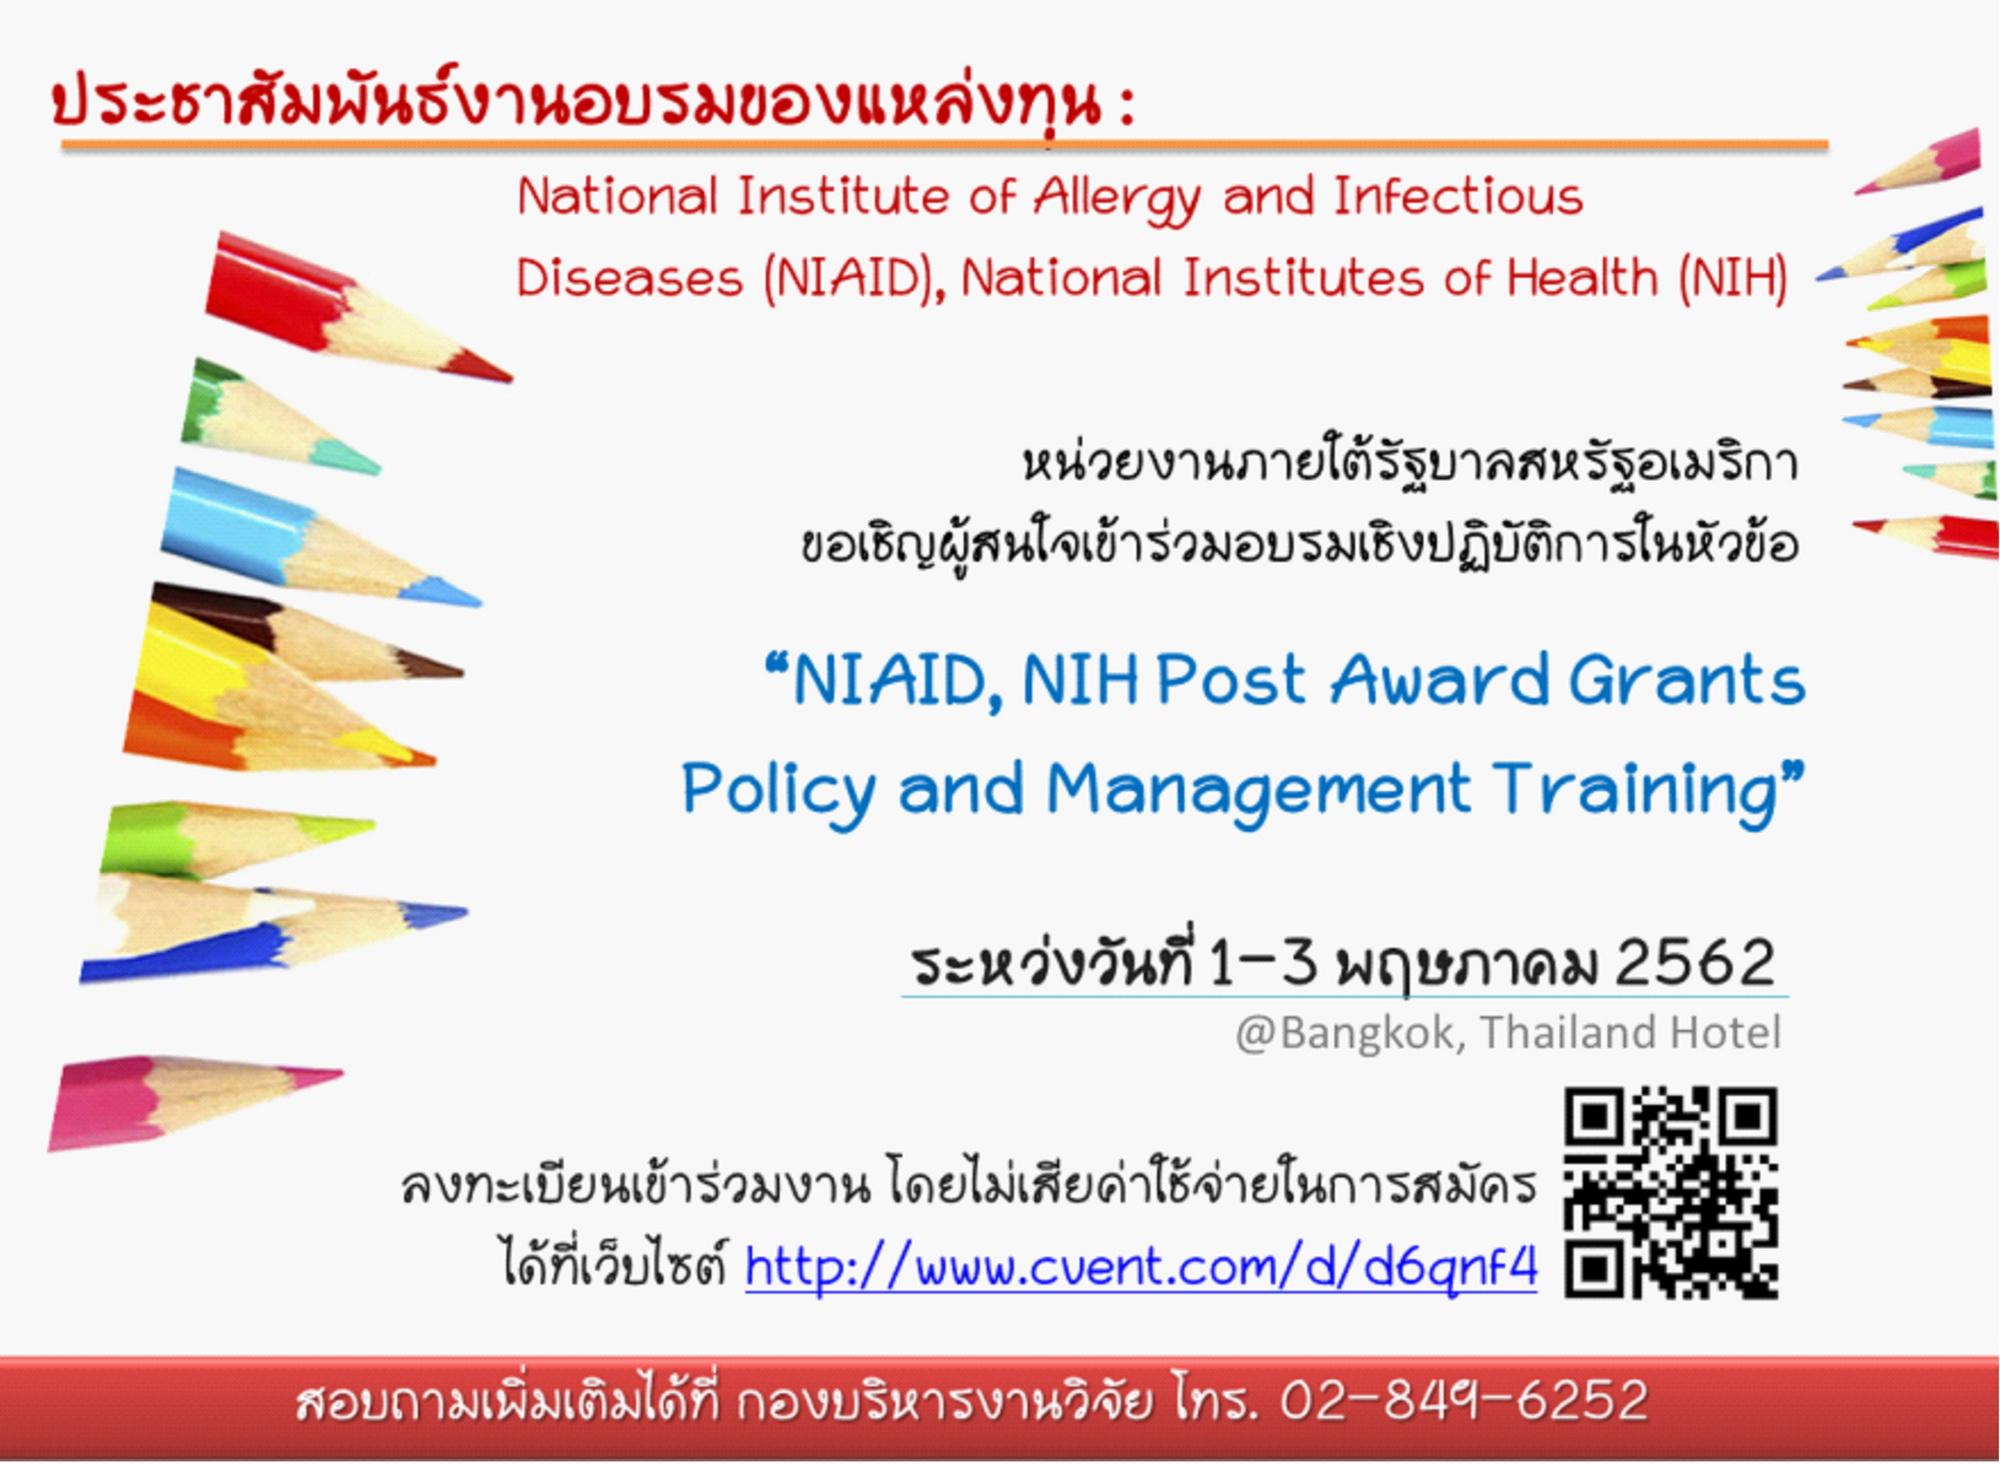 ประชาสัมพันธ์งานอบรมของแหล่งทุน National Institute of Allergy and Infectious Diseases (NIAID), National Institutes of Health (NIH)